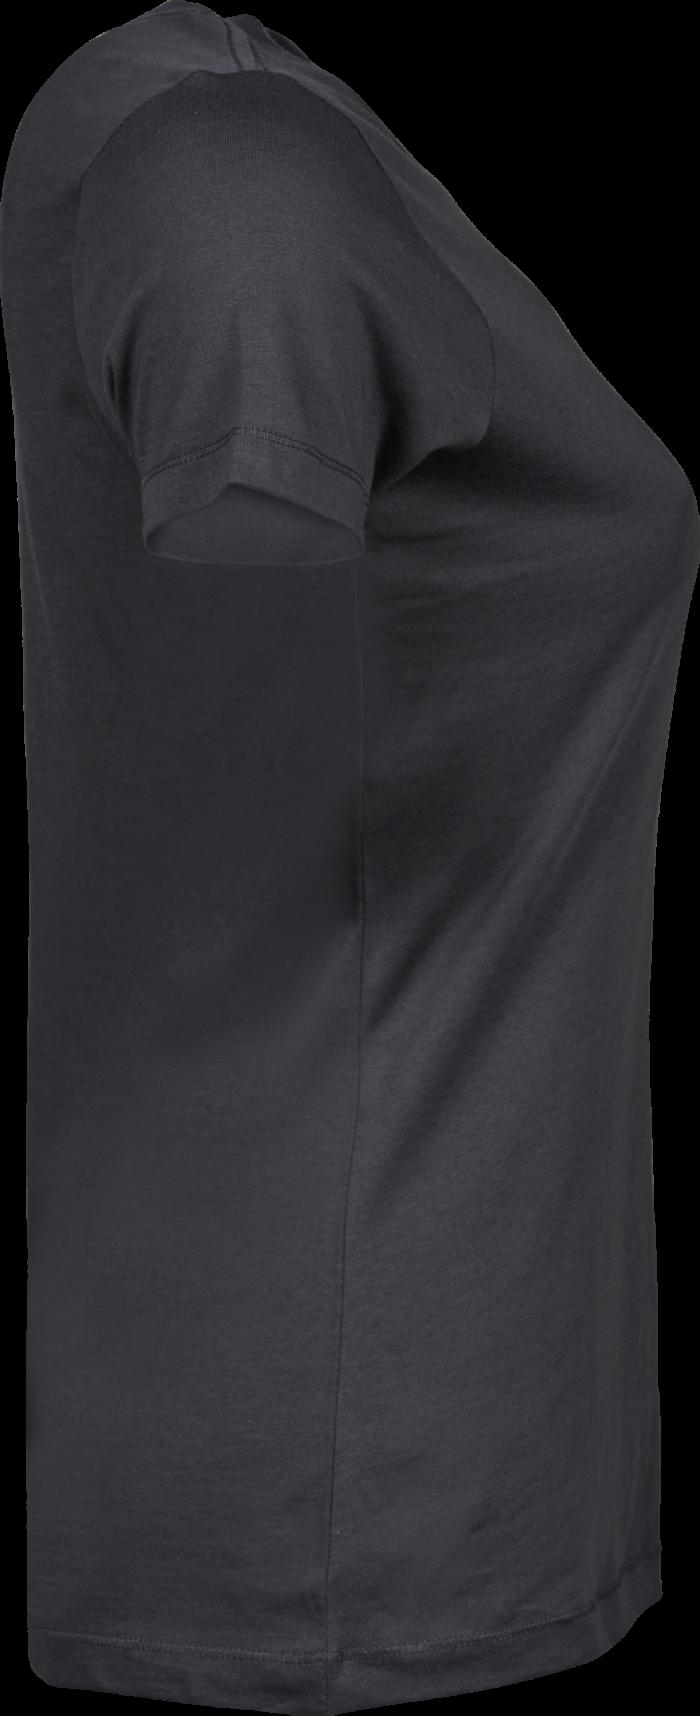 """5001_100% coton peigné ringspun (jersey simple) -coton à longues fibres -coton prérétréci -""""lavé aux enzymes"""" -bande de propreté -surpiqûres -coupe ajustée, Tee Jays, 109 t-shirts"""